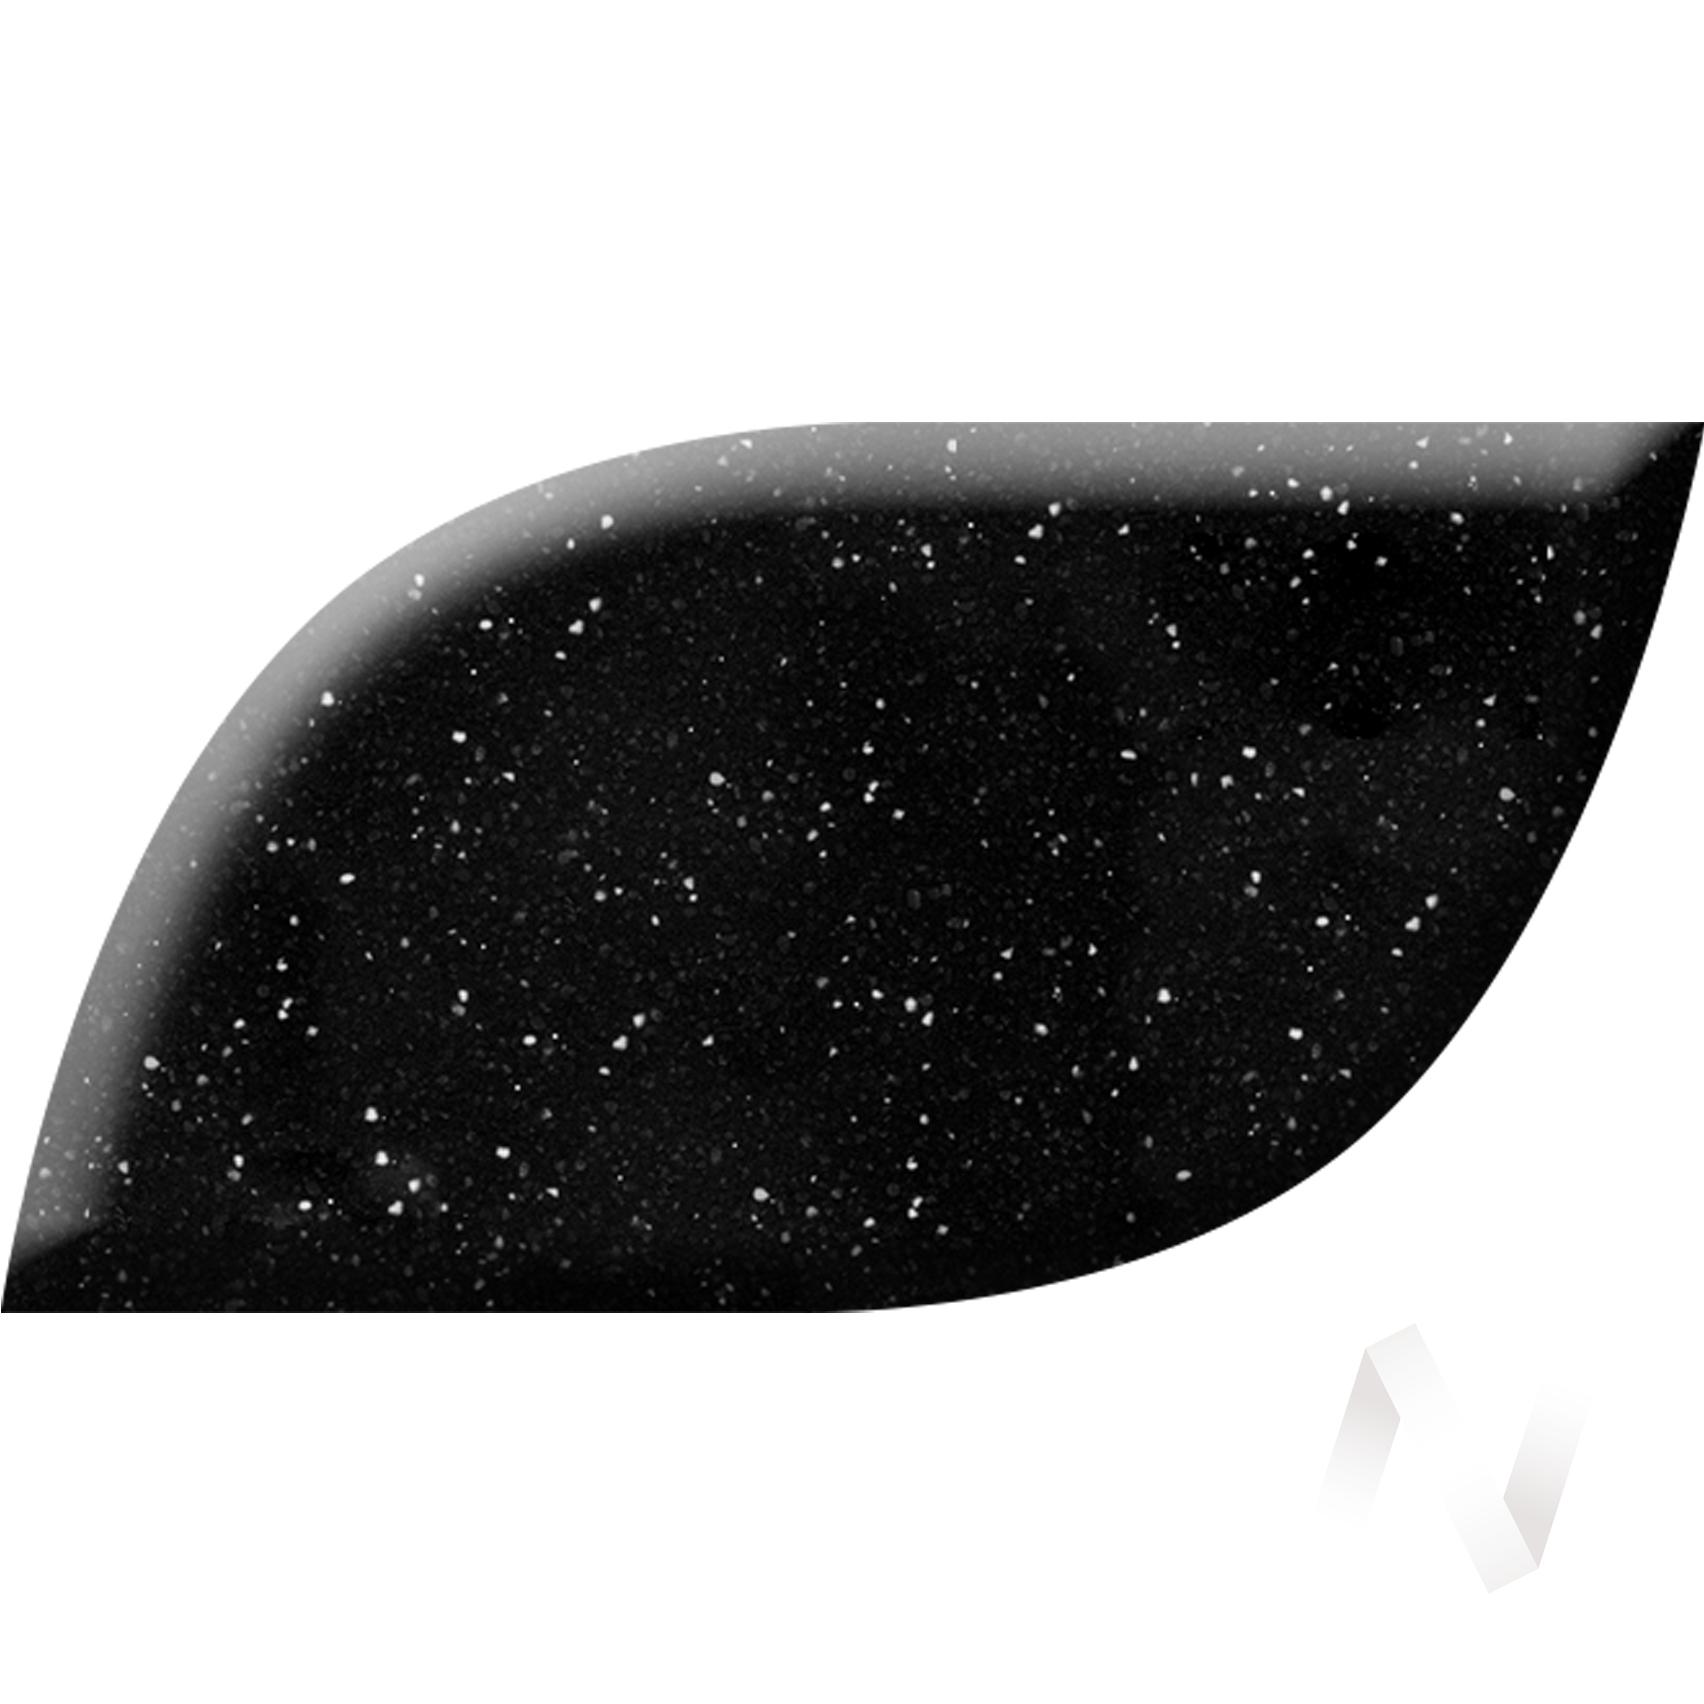 Мойка из искусственного камня Light 4 без фрезы и сифона (чёрный)  в Томске — интернет магазин МИРА-мебель